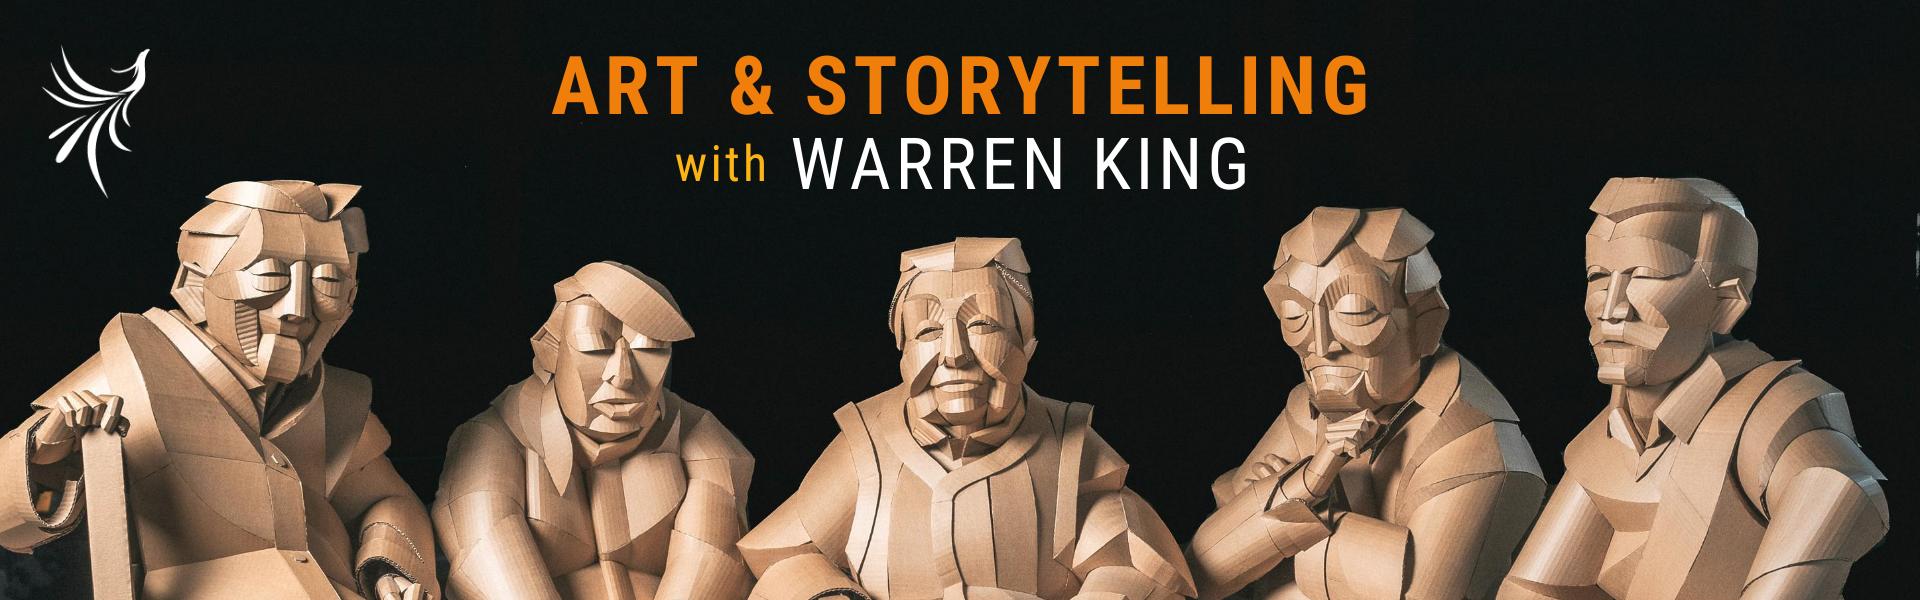 2020 Warren King Website Header